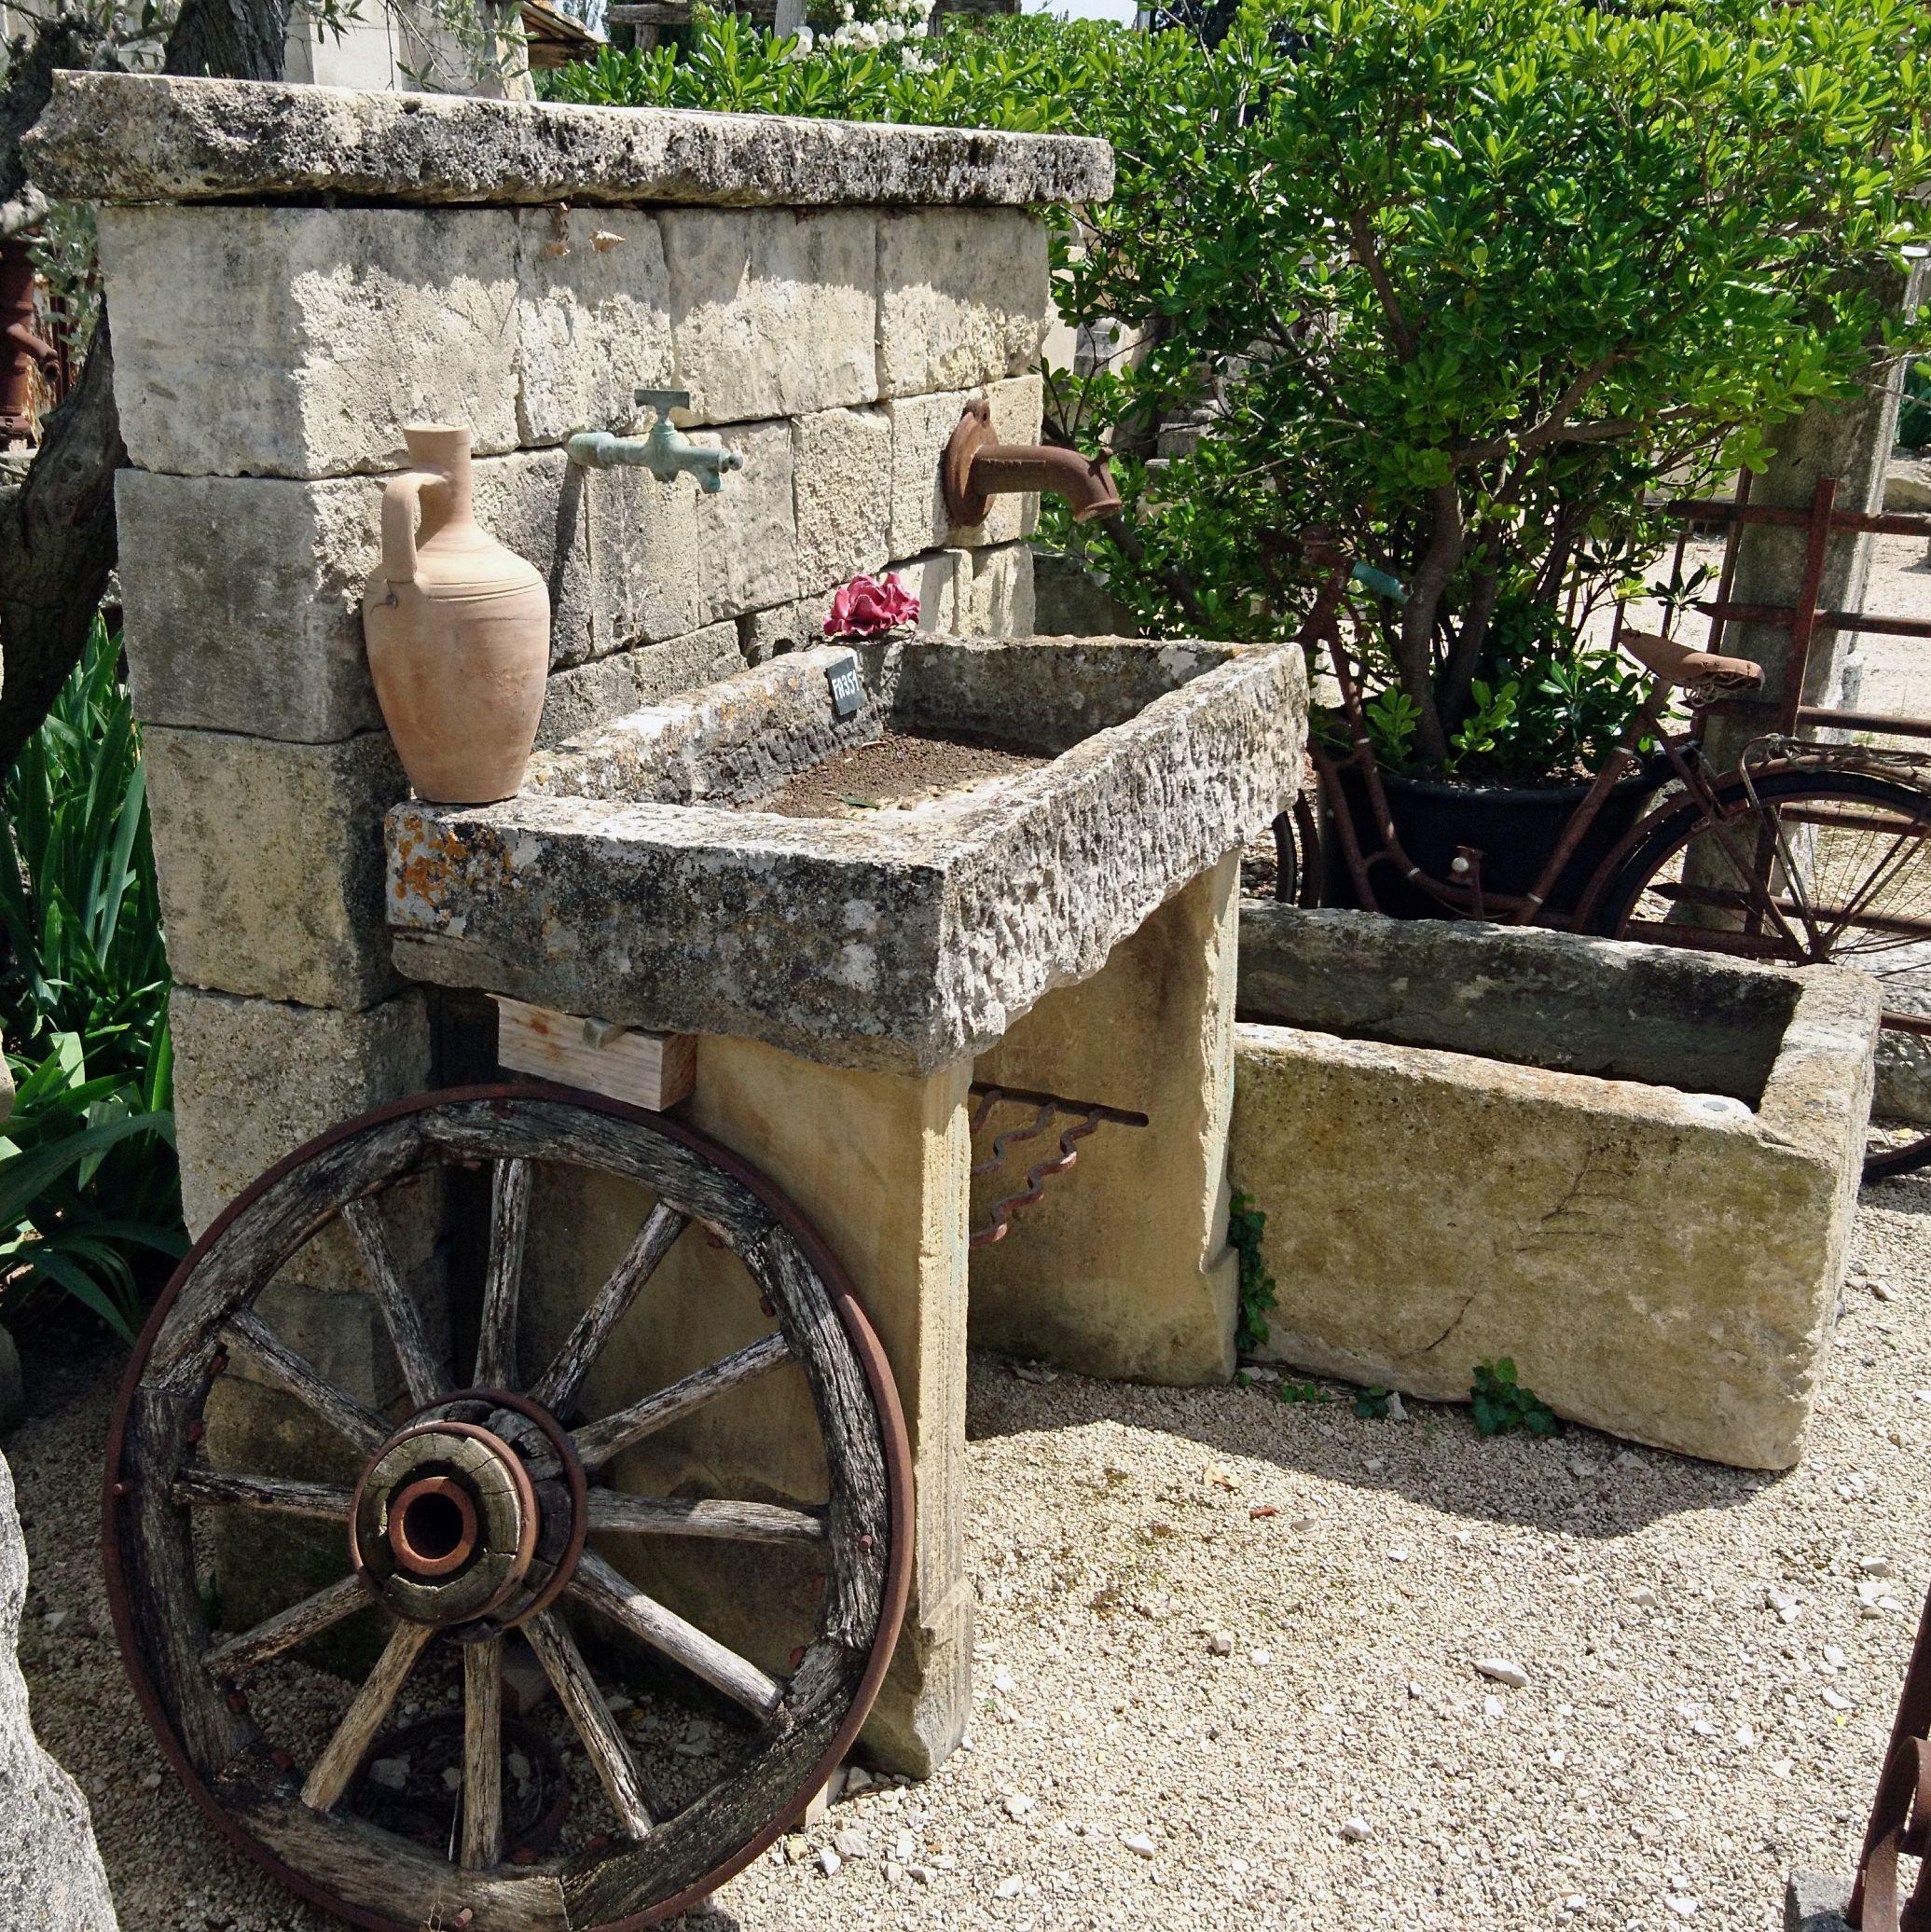 Cette Originale Fontaine De Jardin Est Un Modele Unique Confectionne Artisanalement Dans Notre Ateliers Avec Images Evier De Jardin Evier De Jardin Exterieur Evier Pierre